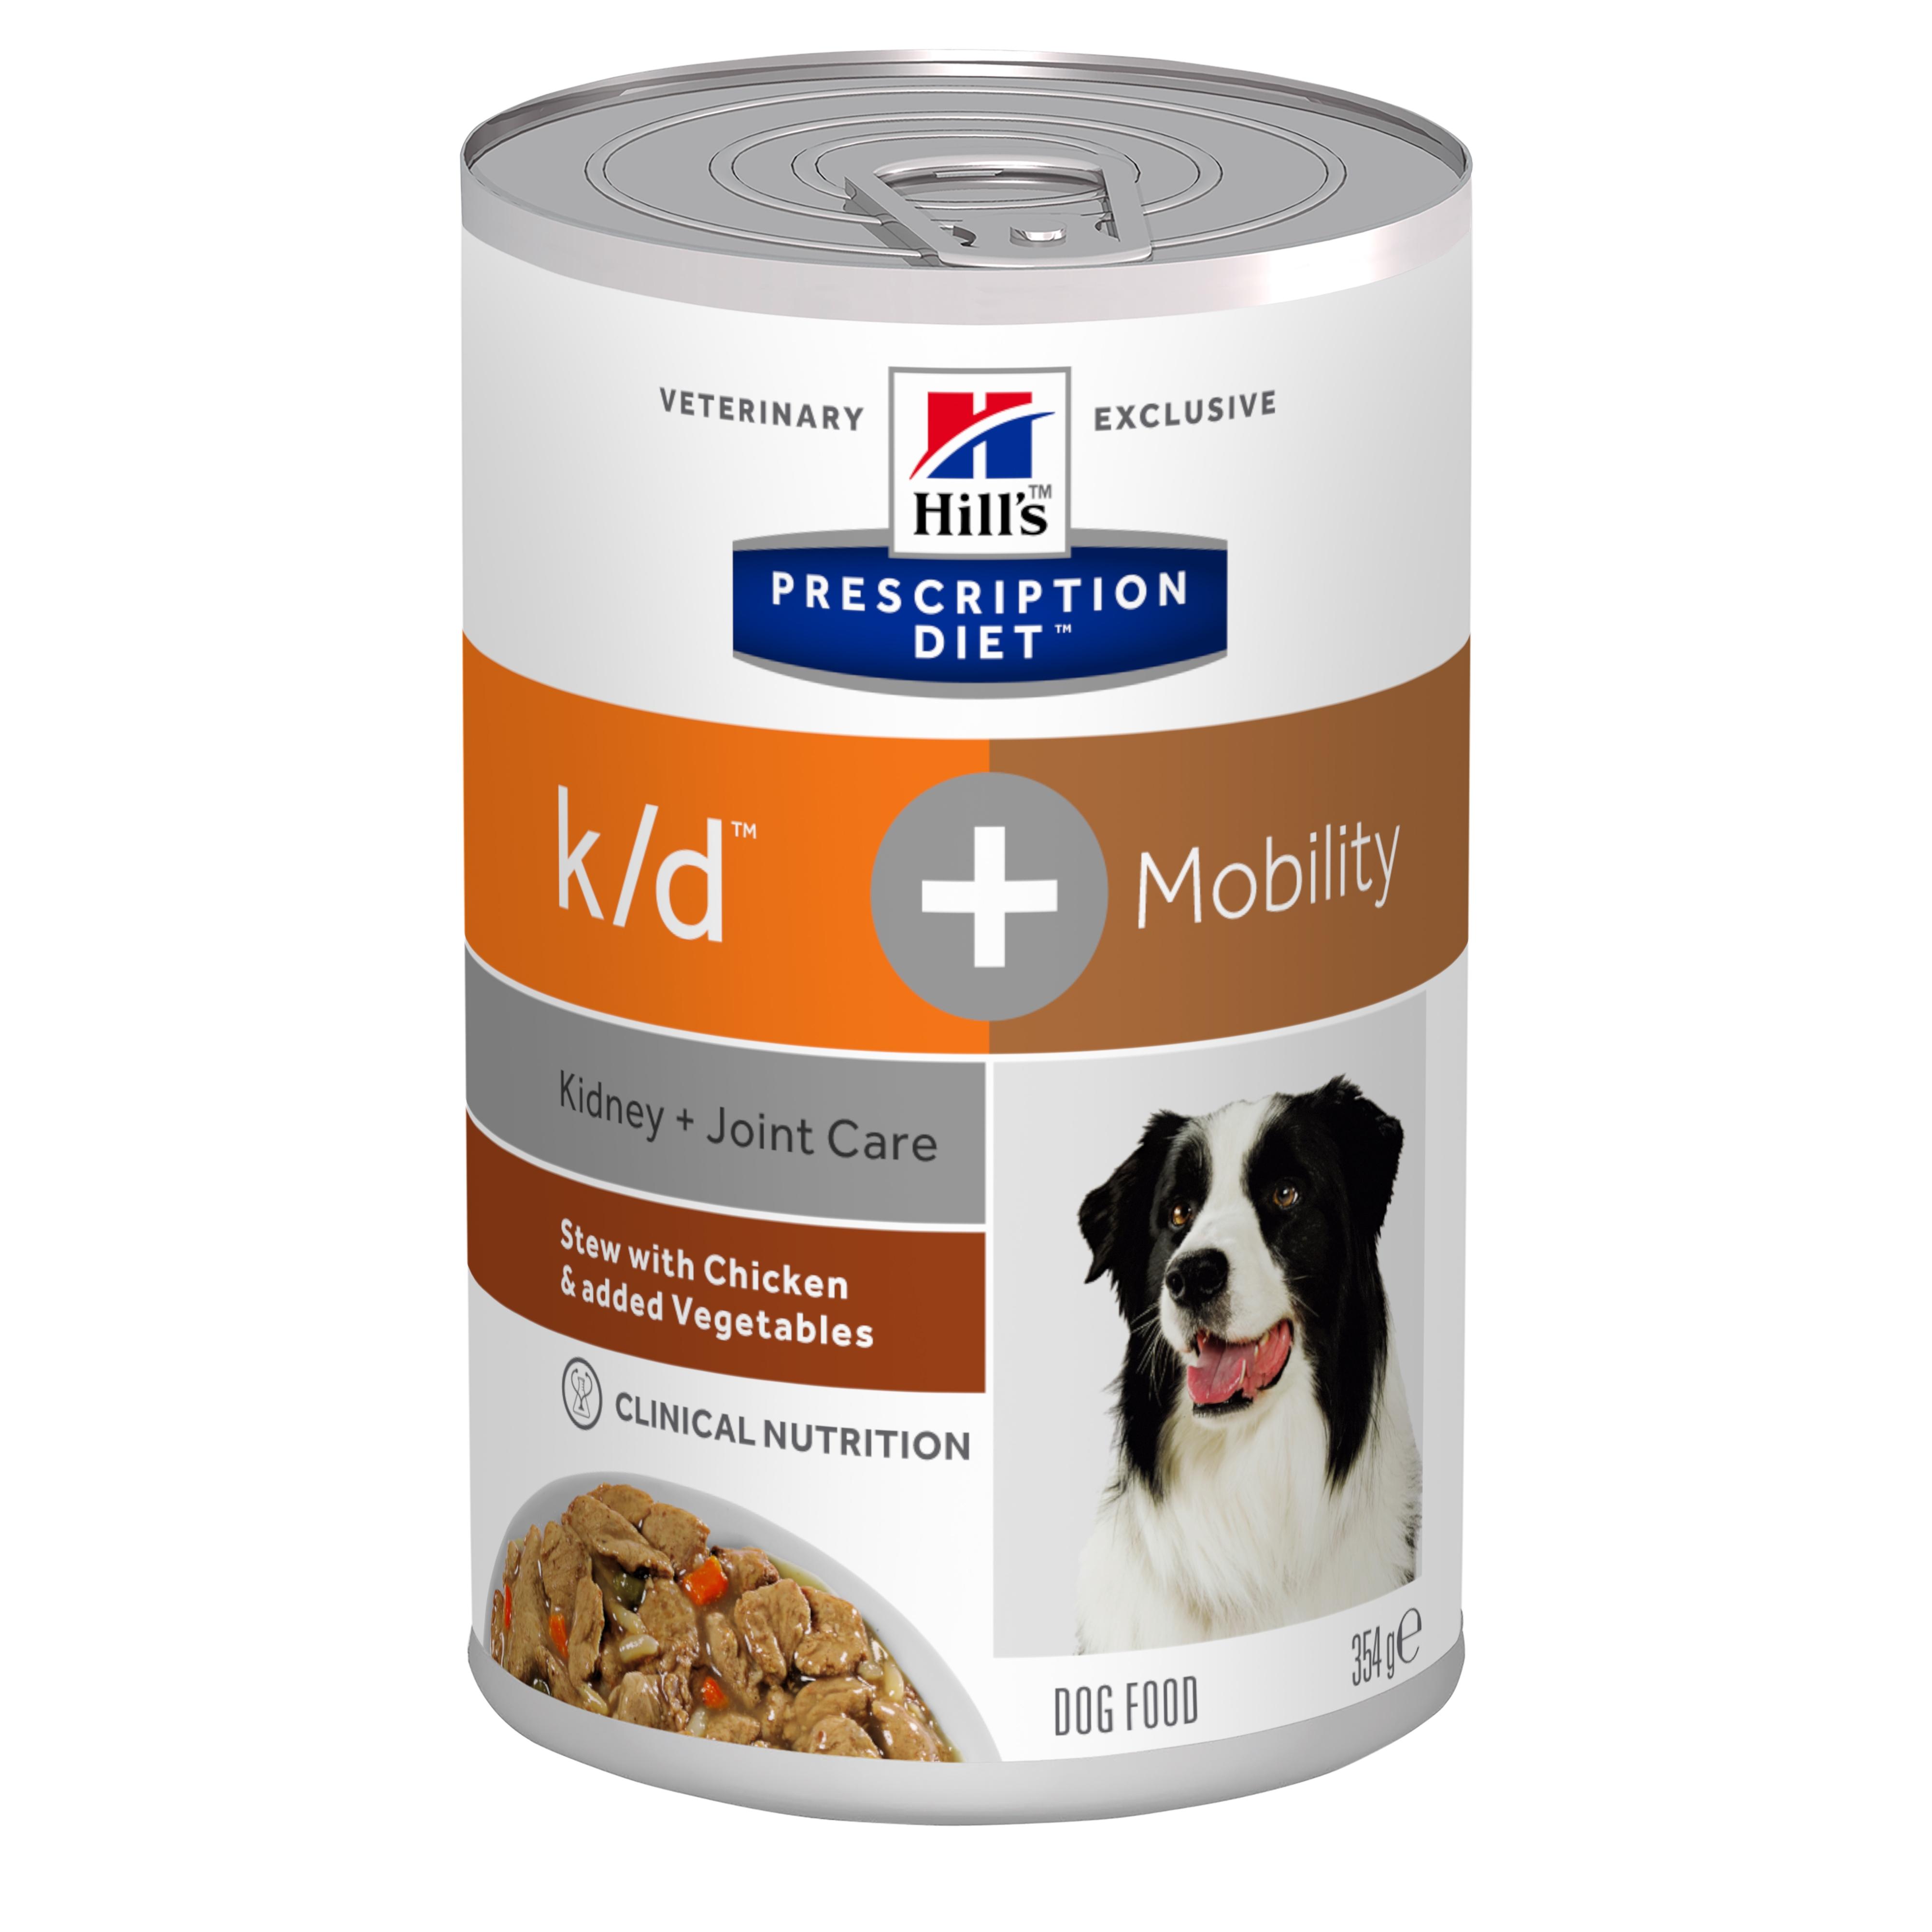 Hill's PD K/D Plus Mobility hrană pentru câini cu pui și legume, 354 g imagine